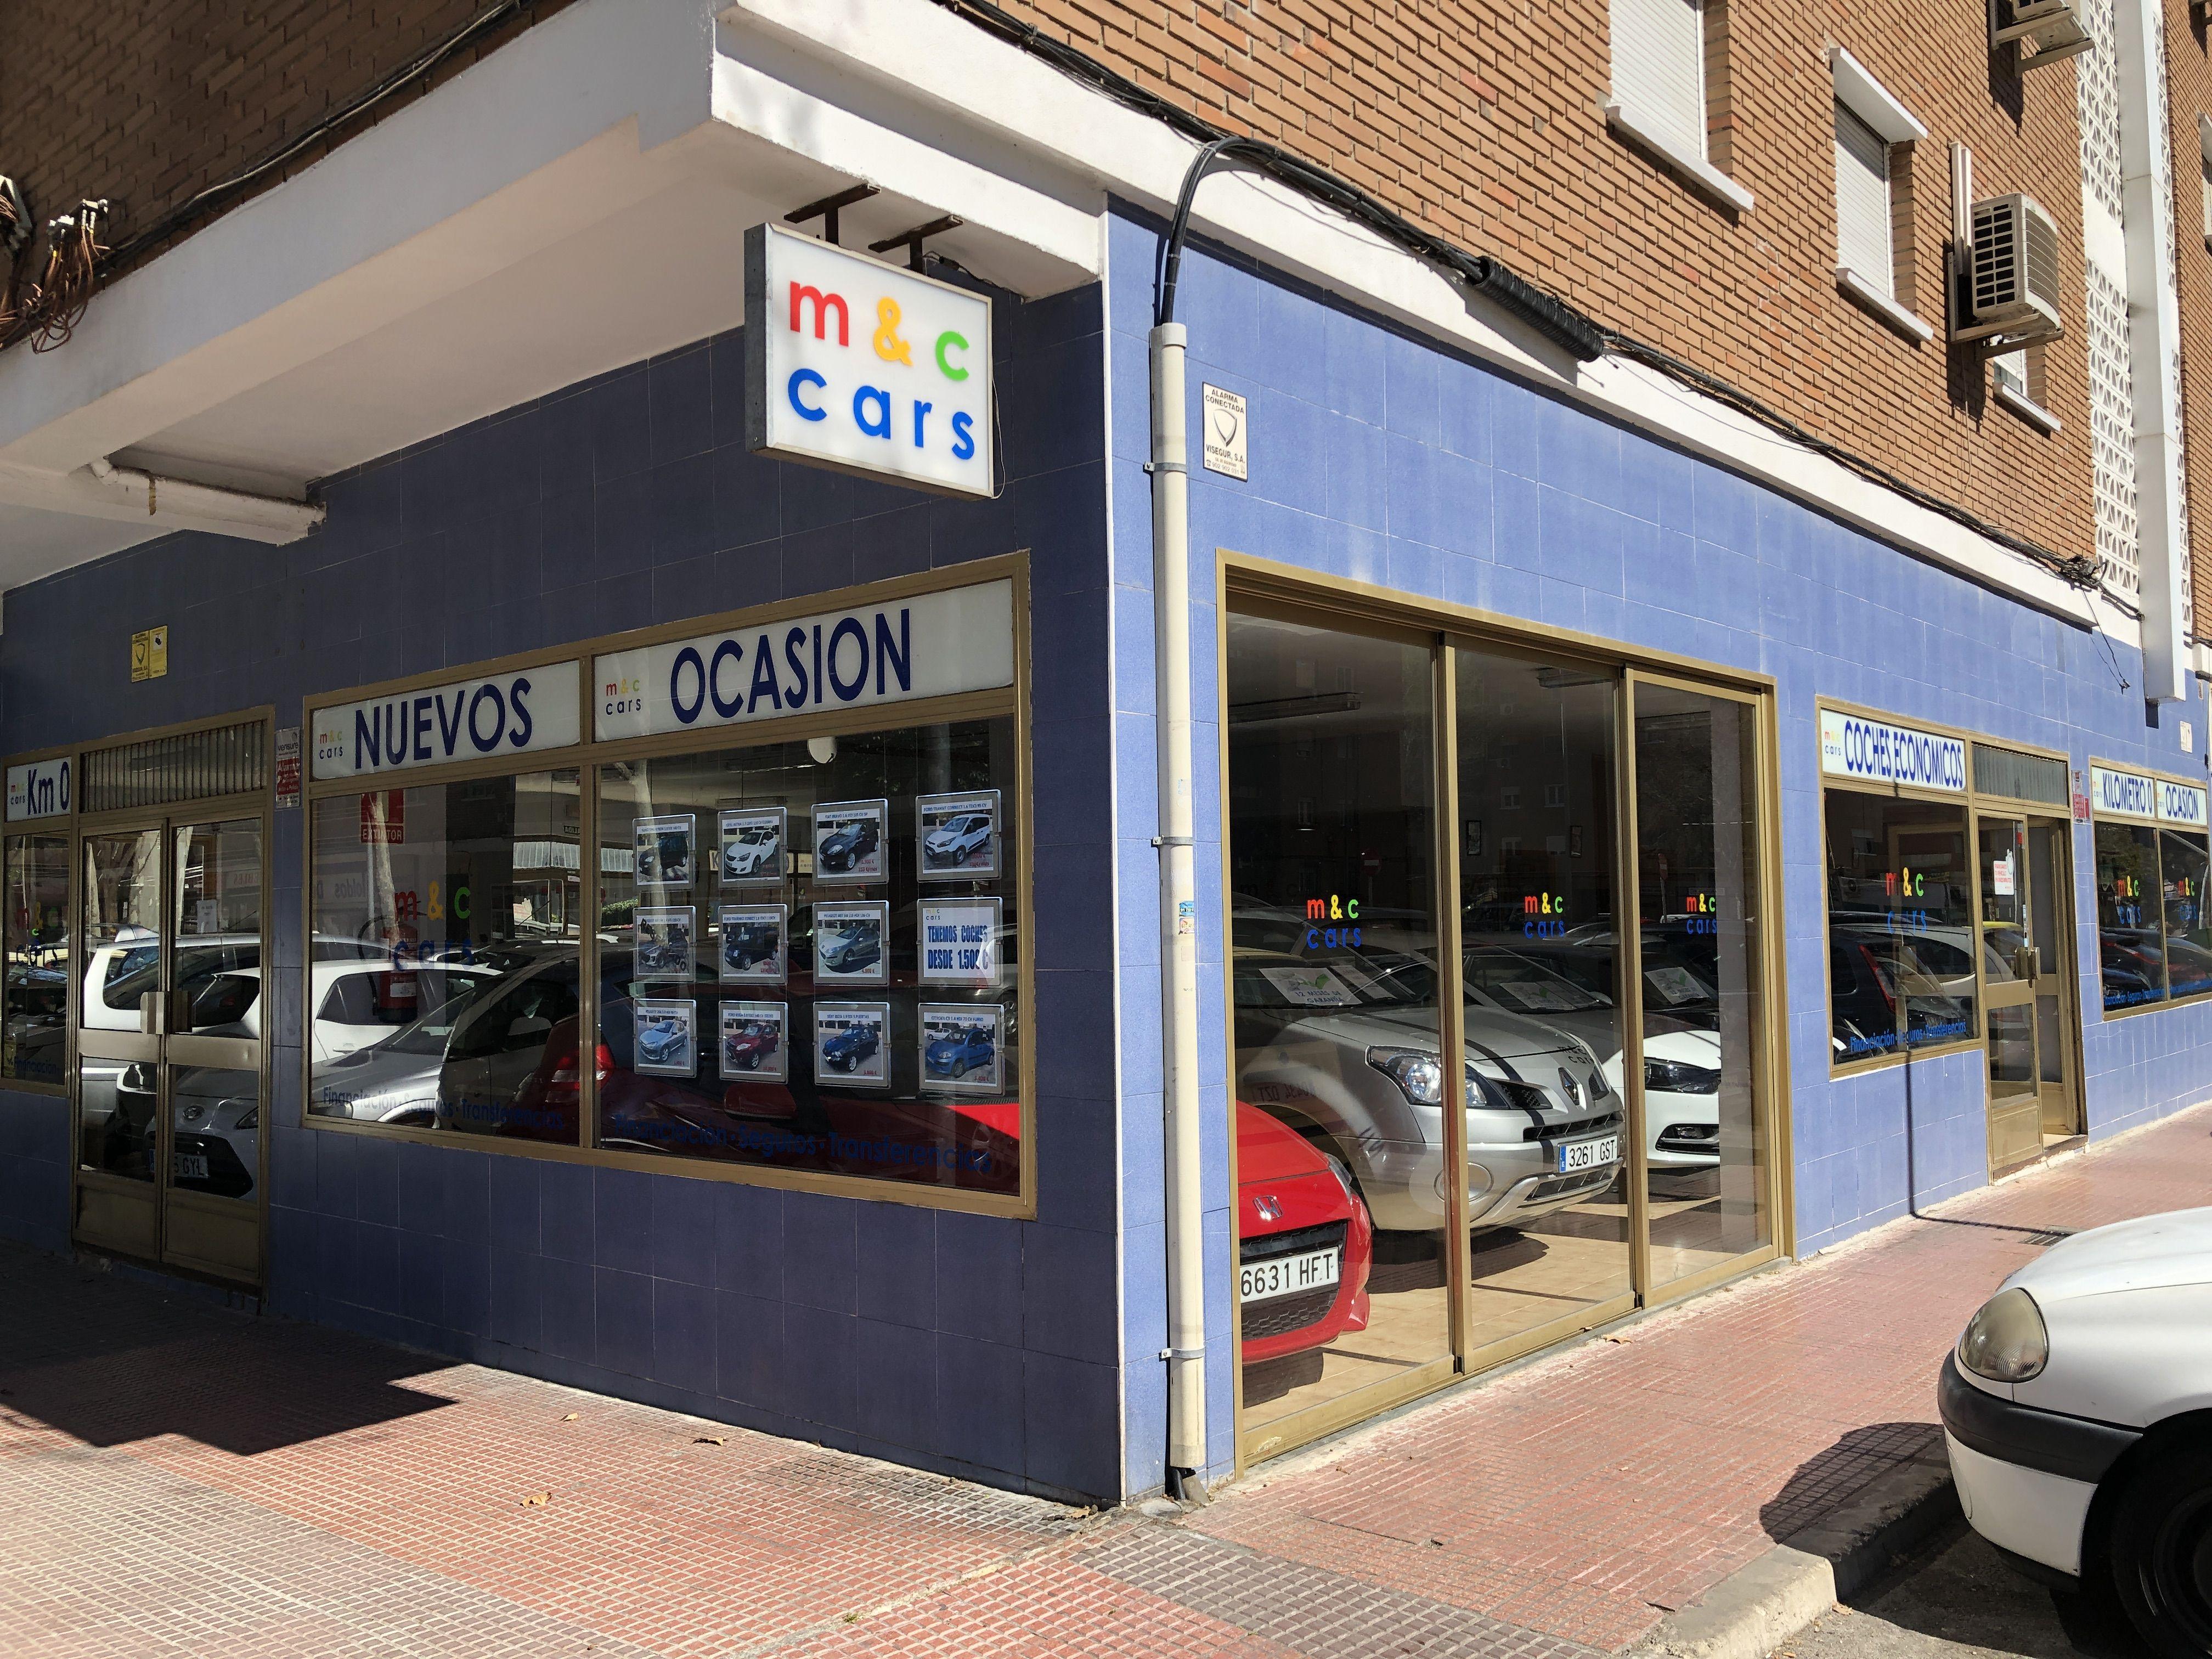 Venta y tasación de coches en Alcalá de Henares